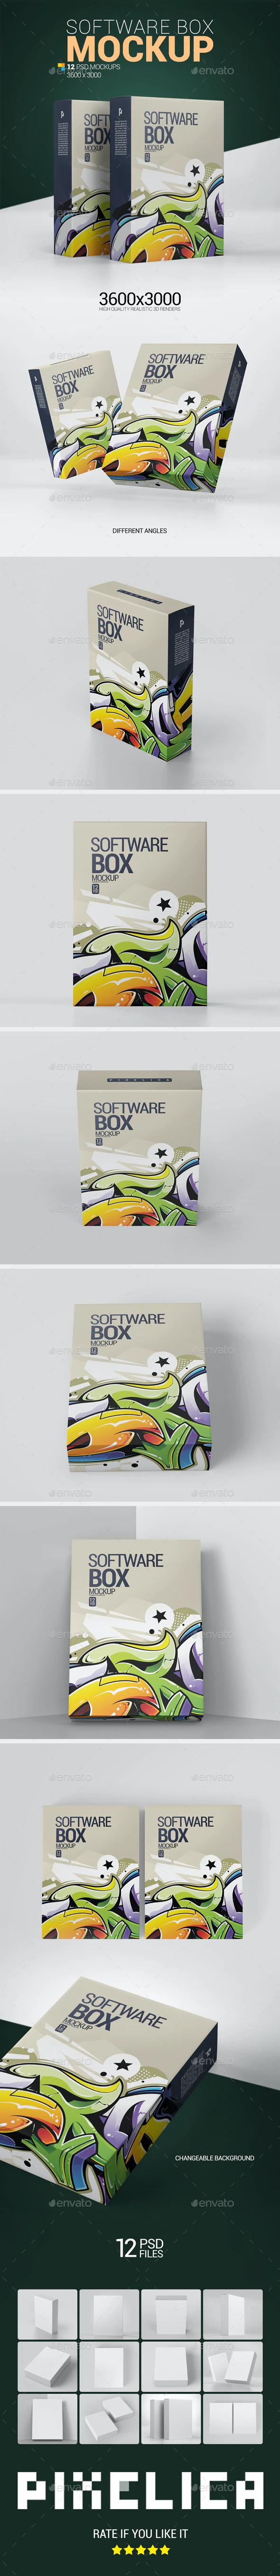 4134+ Box Mockup Graphicriver PSD File